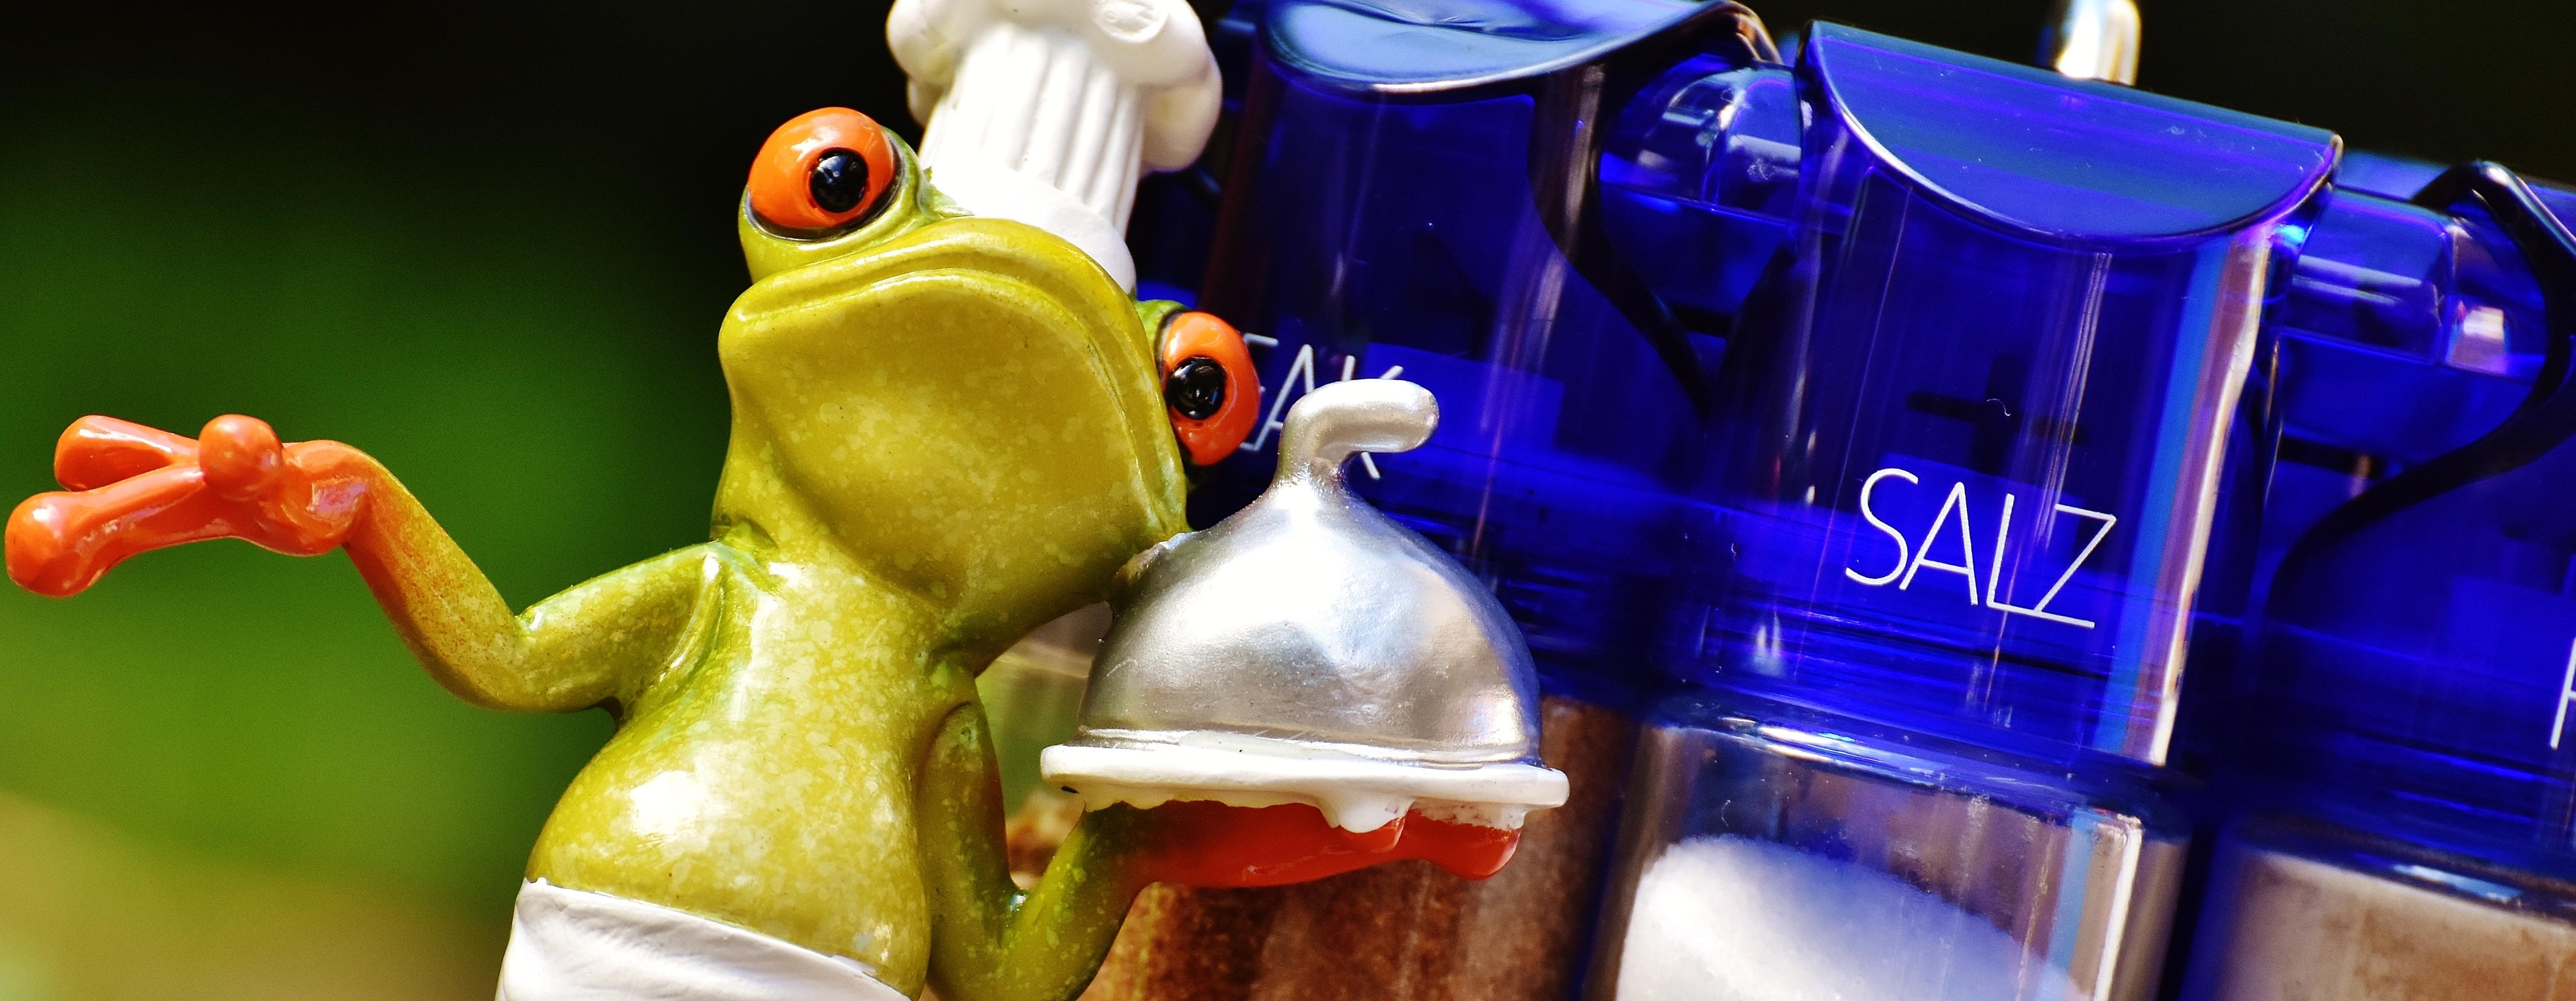 chef-frog-lick